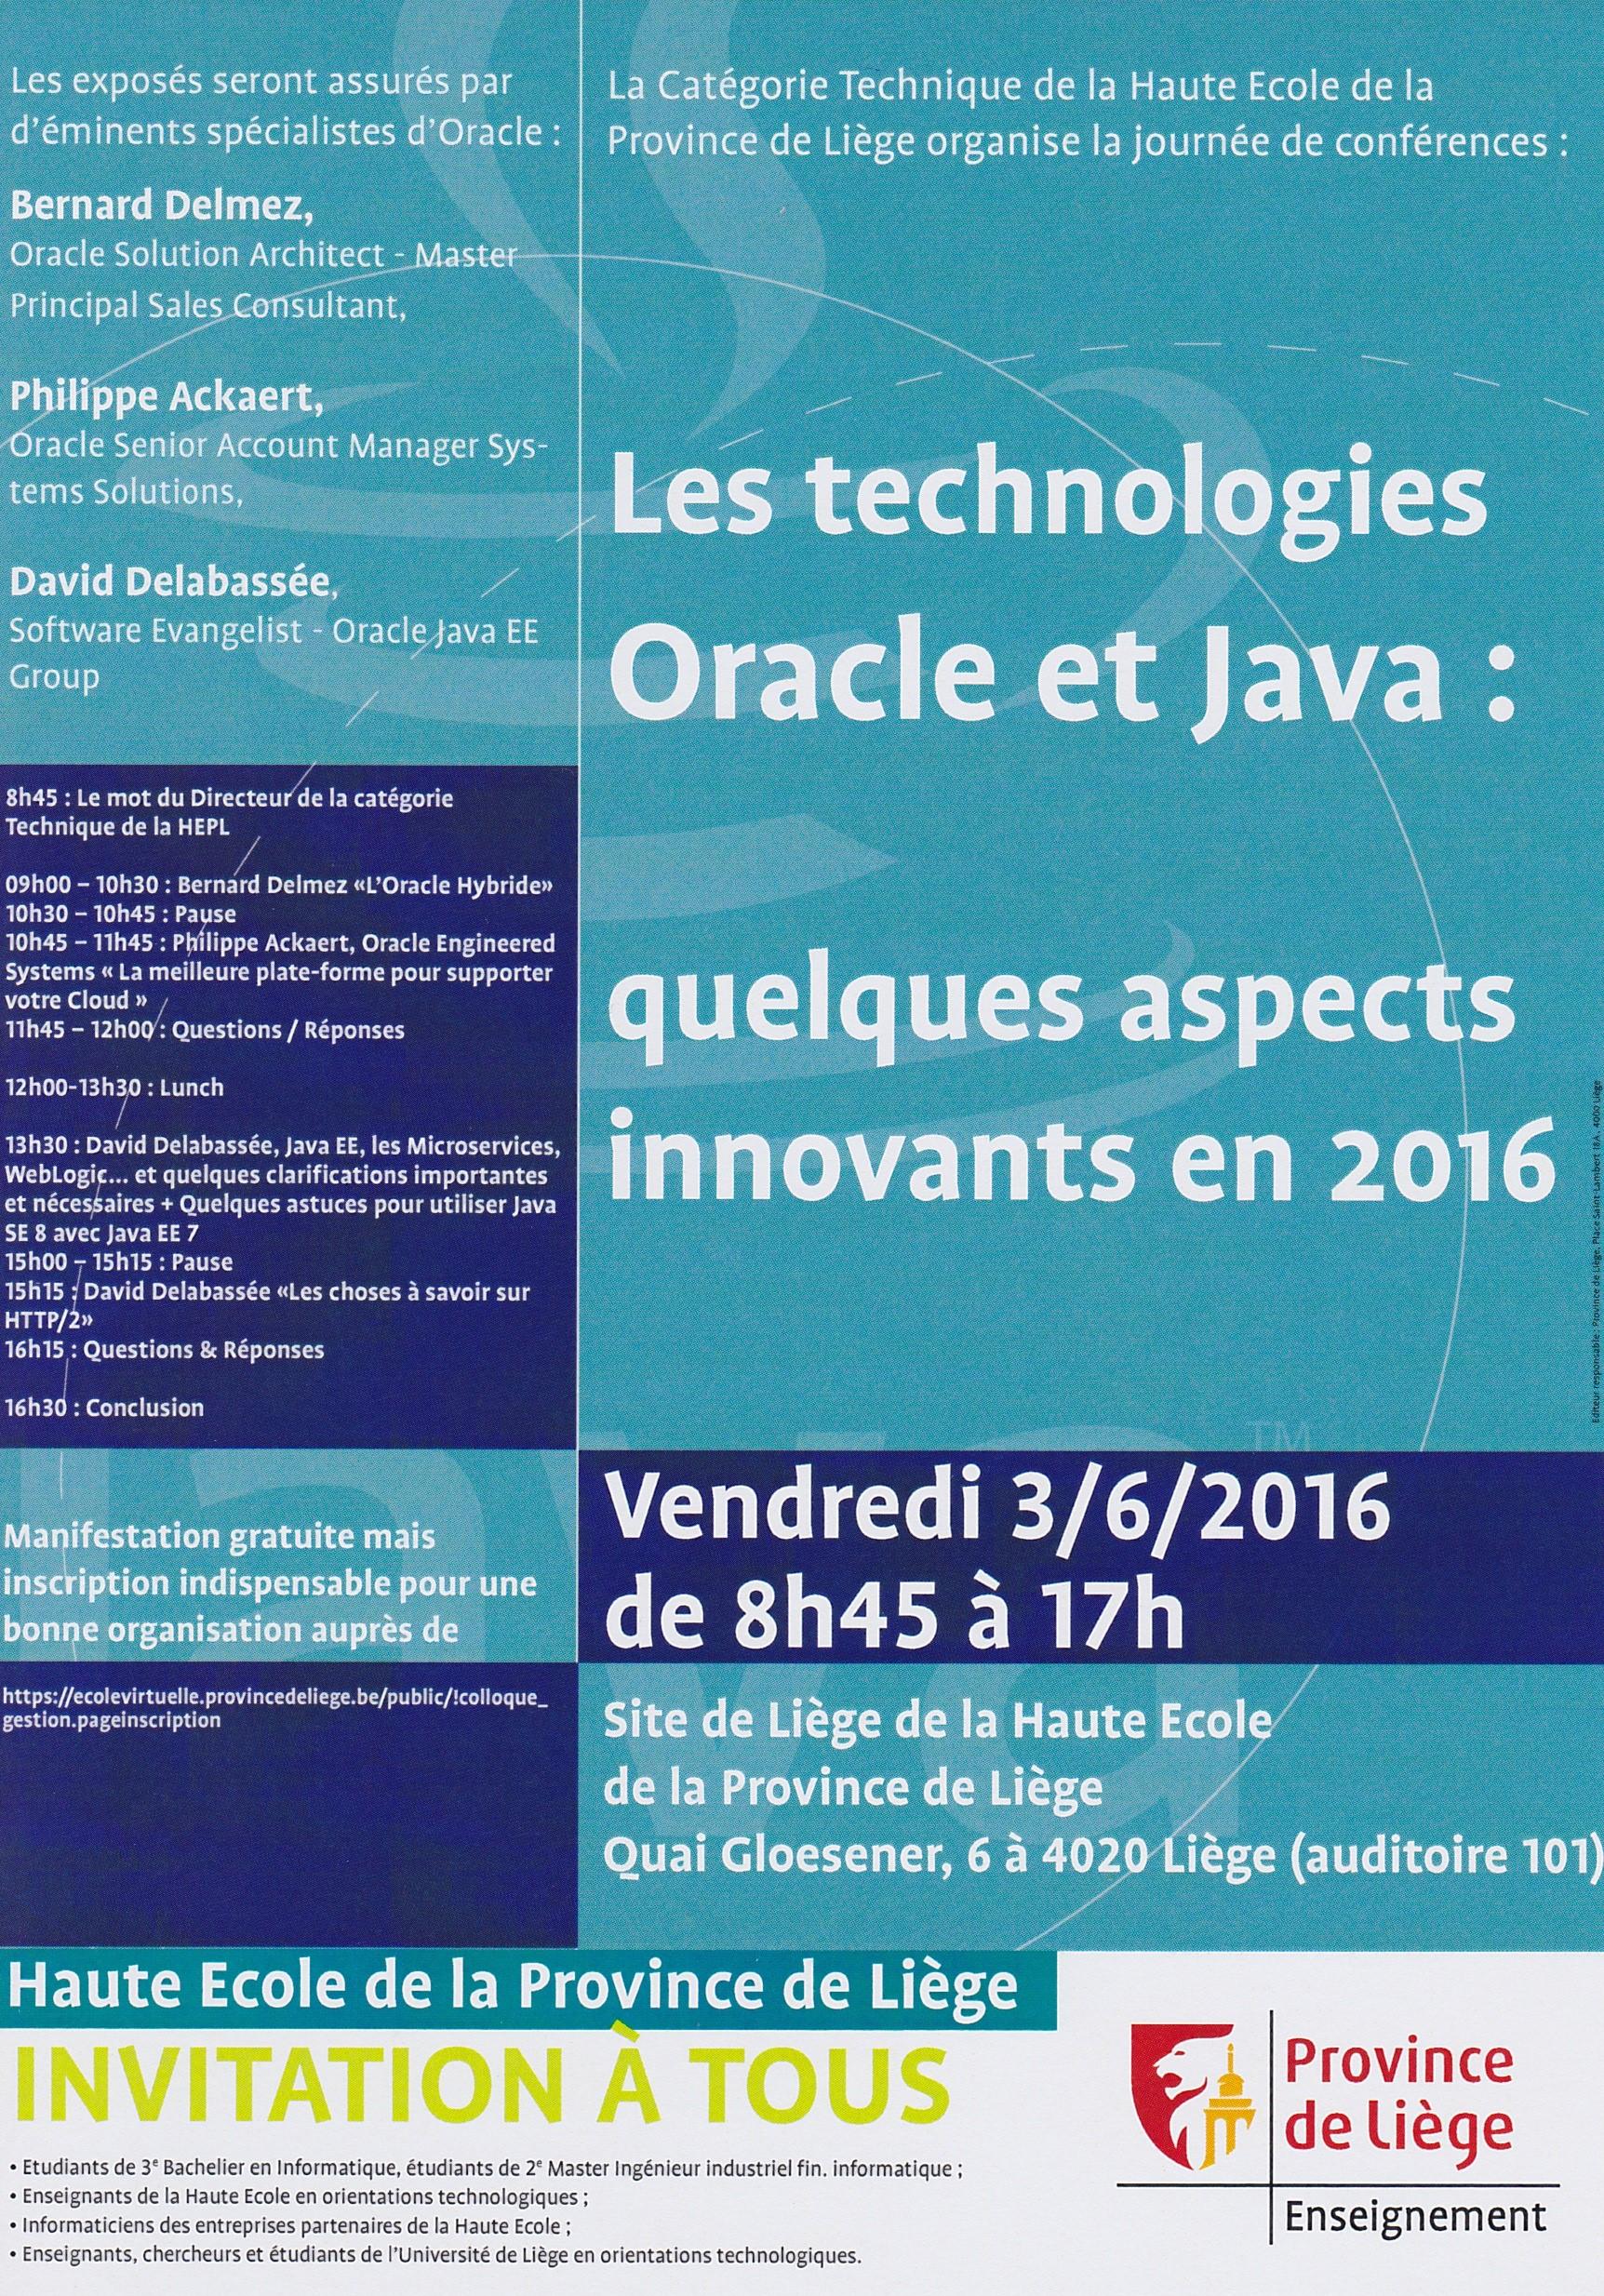 Colloque Oracle et Java